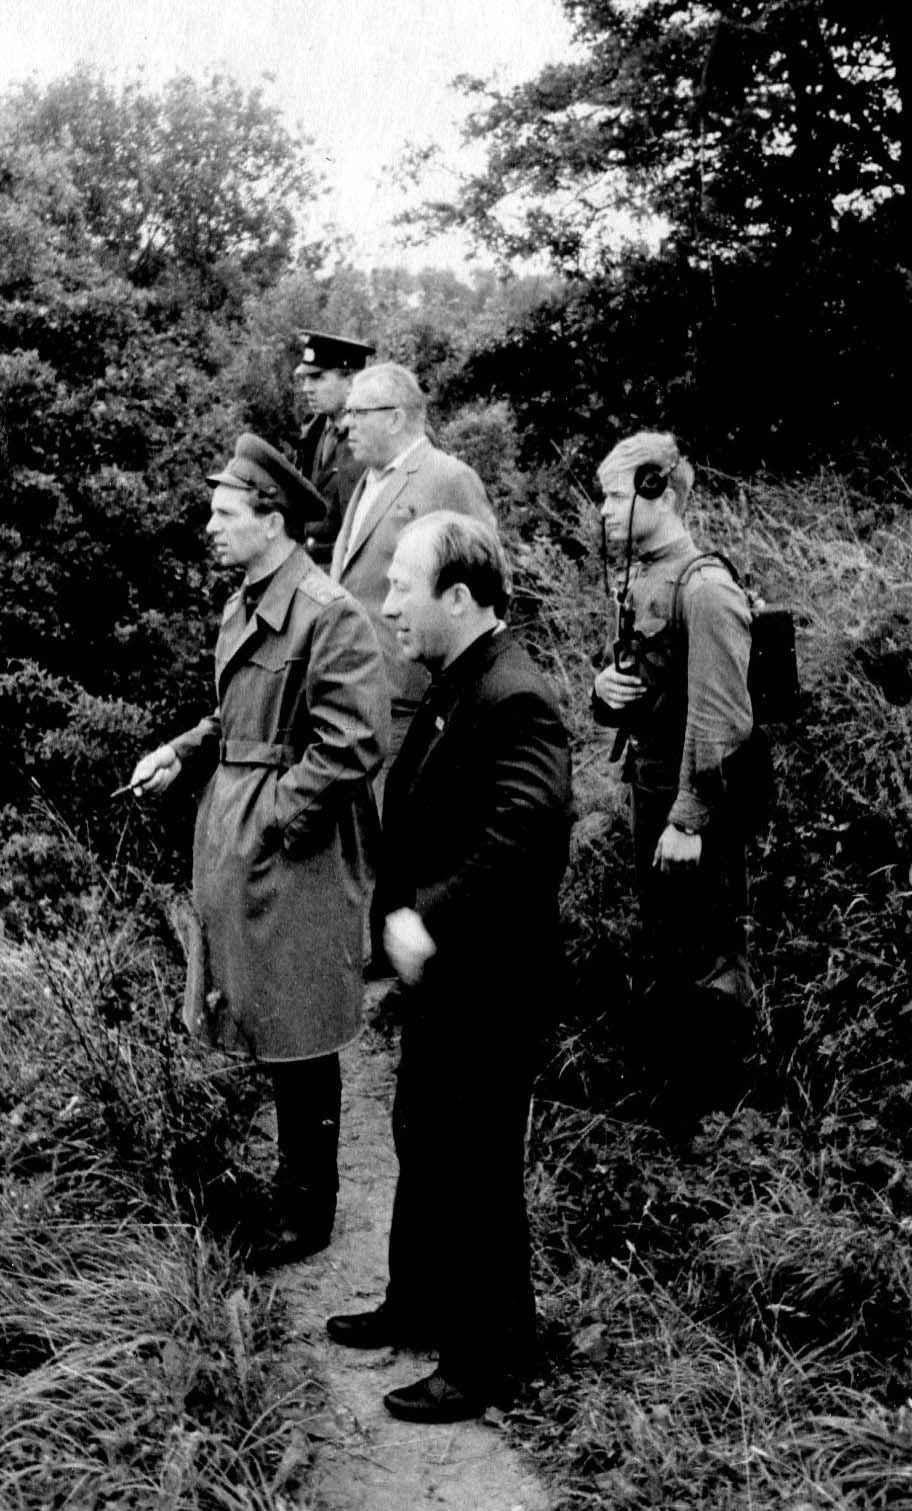 Экспонат #97. С Н. Прониным. Фильм «Родословная подвига». 1978 год